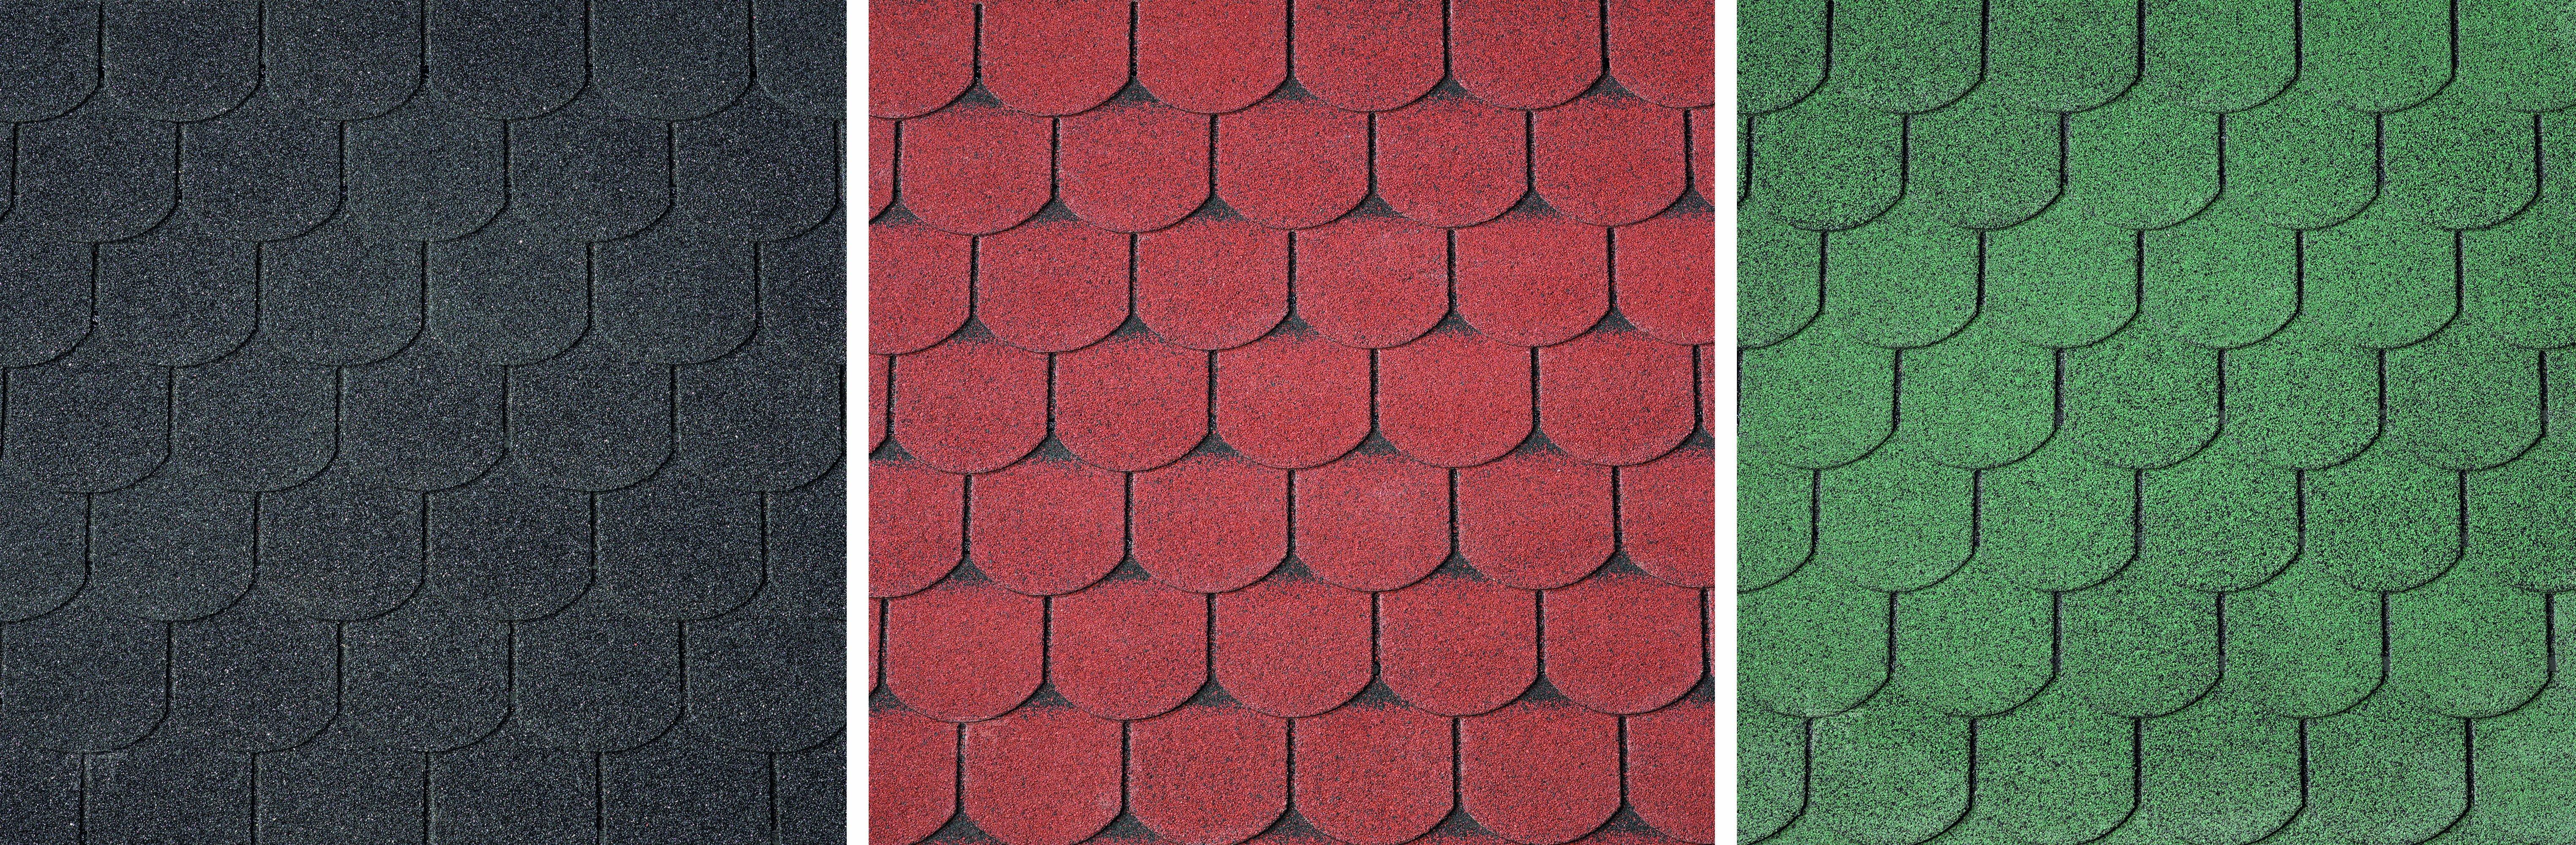 Dakschingles  zwart-rood-groen 3 m². Type: beverstaart